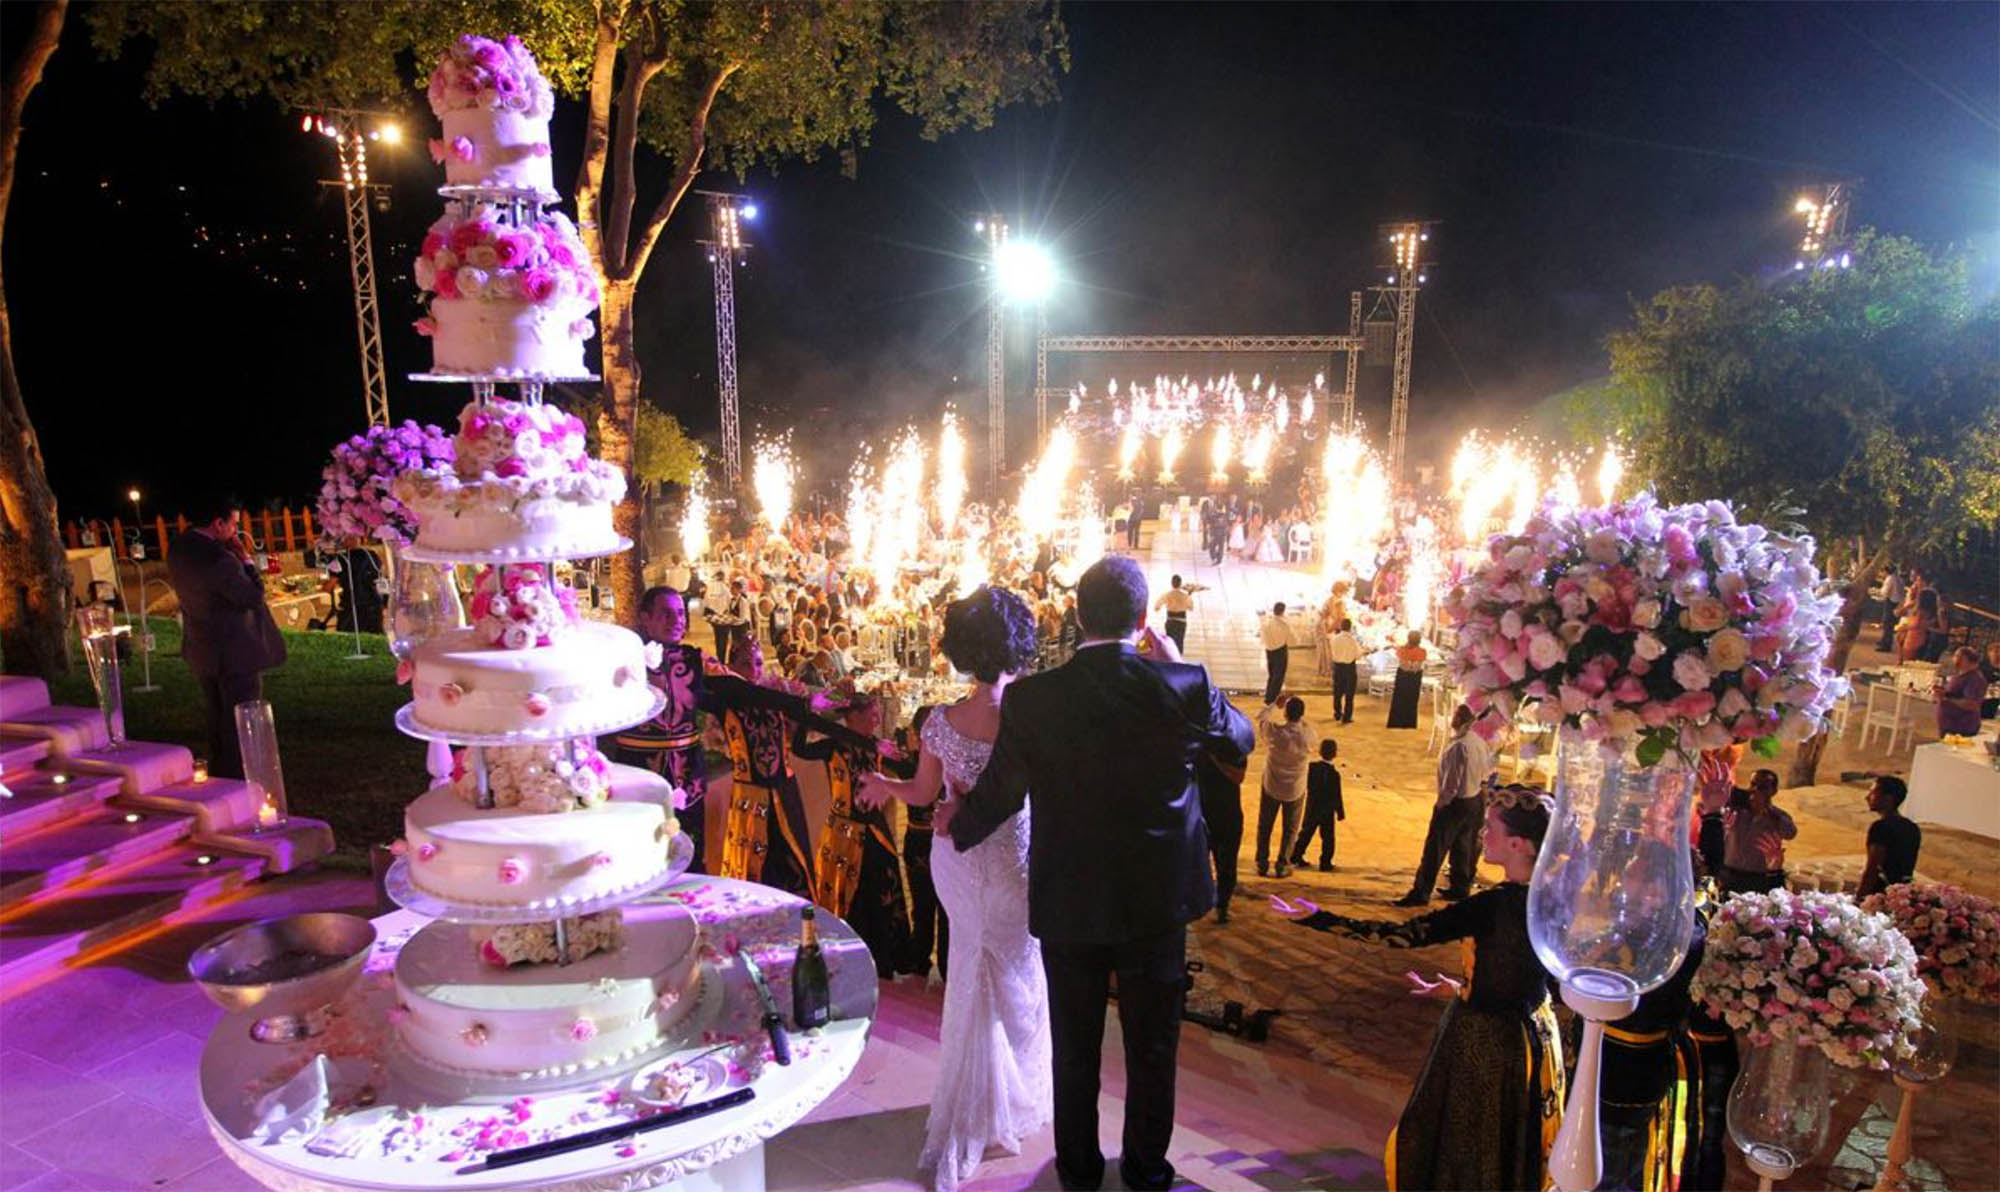 Типичная ливанская свадьба — гигантский торт, фейерверки, музыканты и сотни гостей